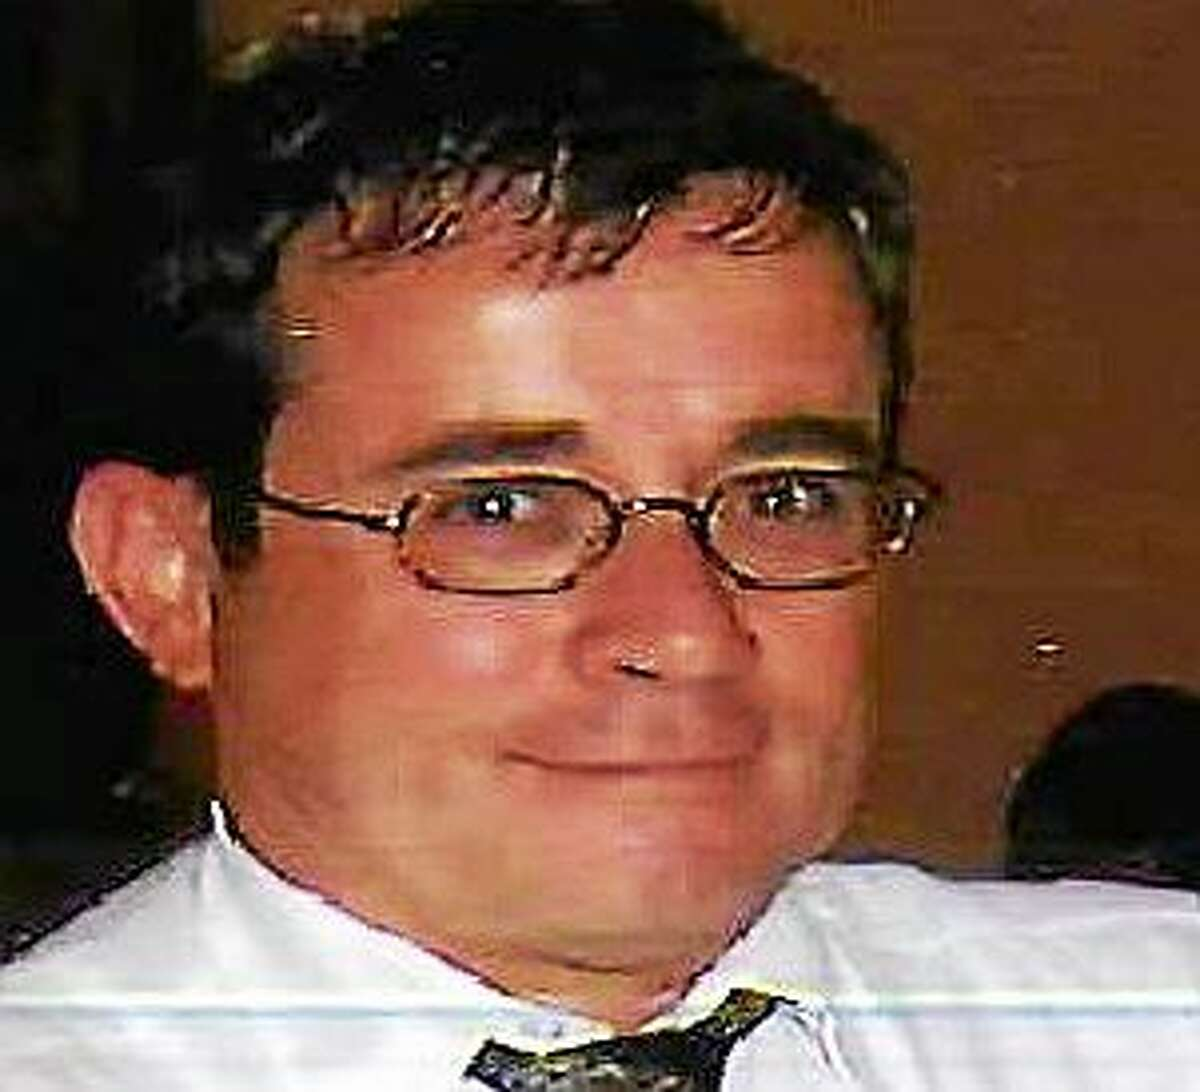 Joseph Pappalardo, 61